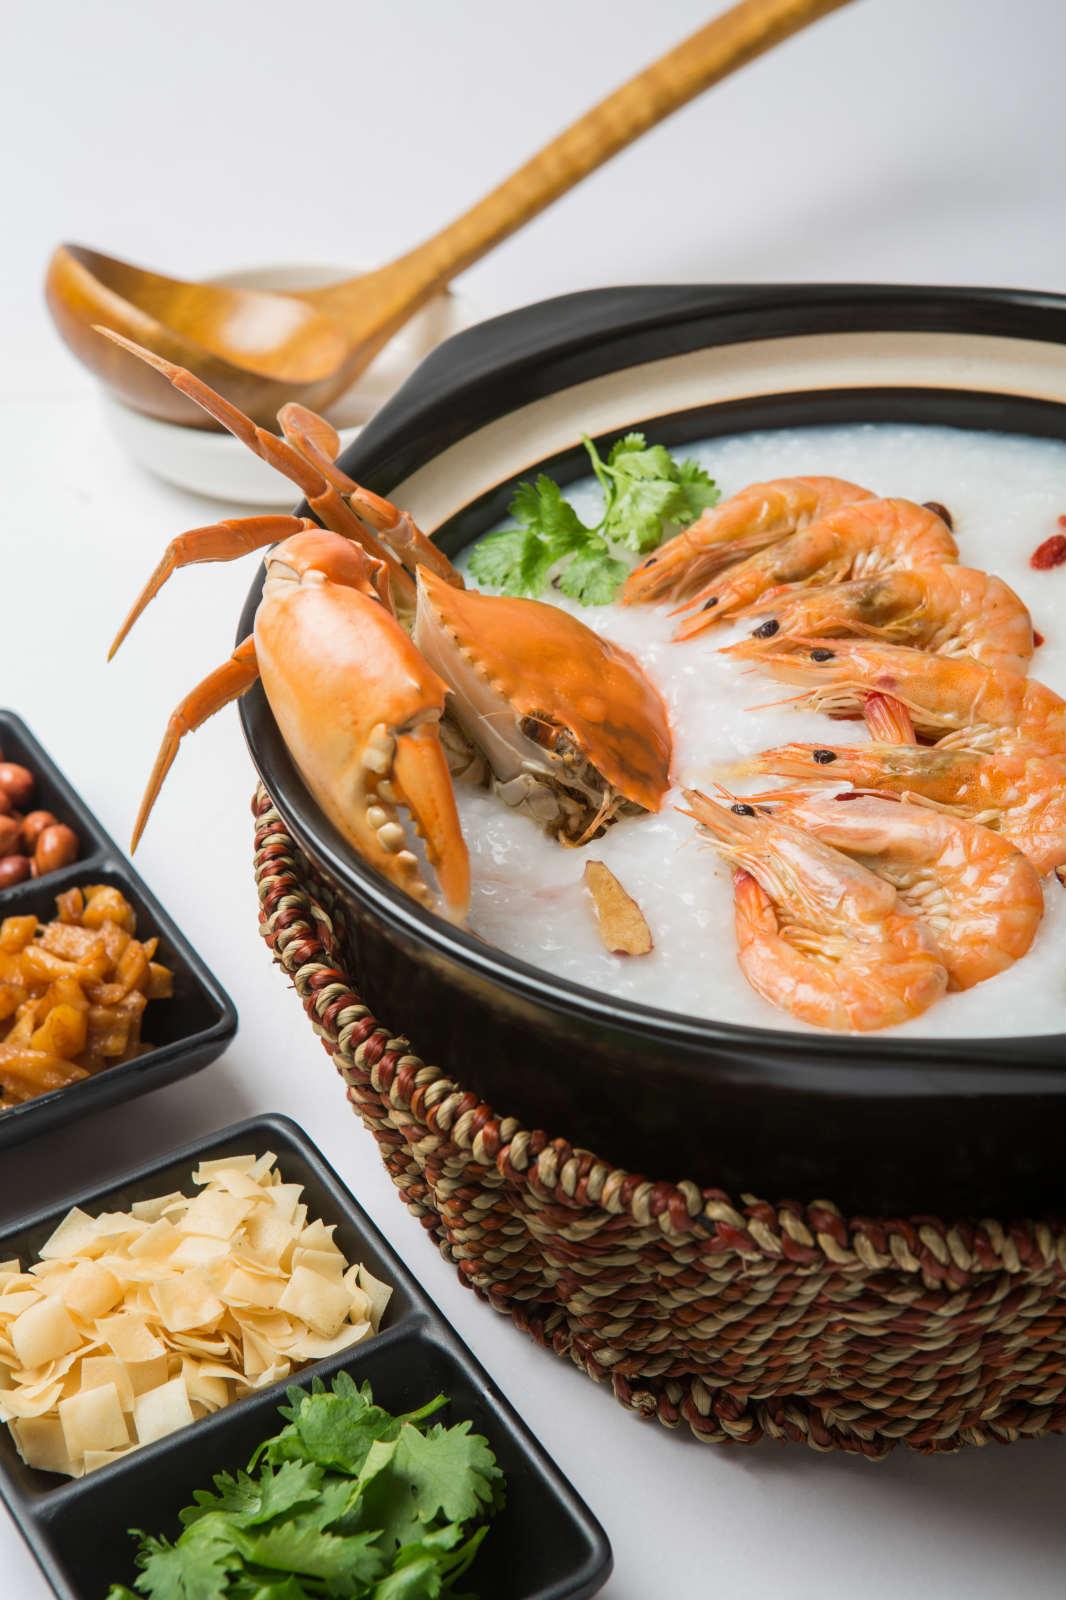 宁波郑记粥铺-宁波知名的餐饮加盟